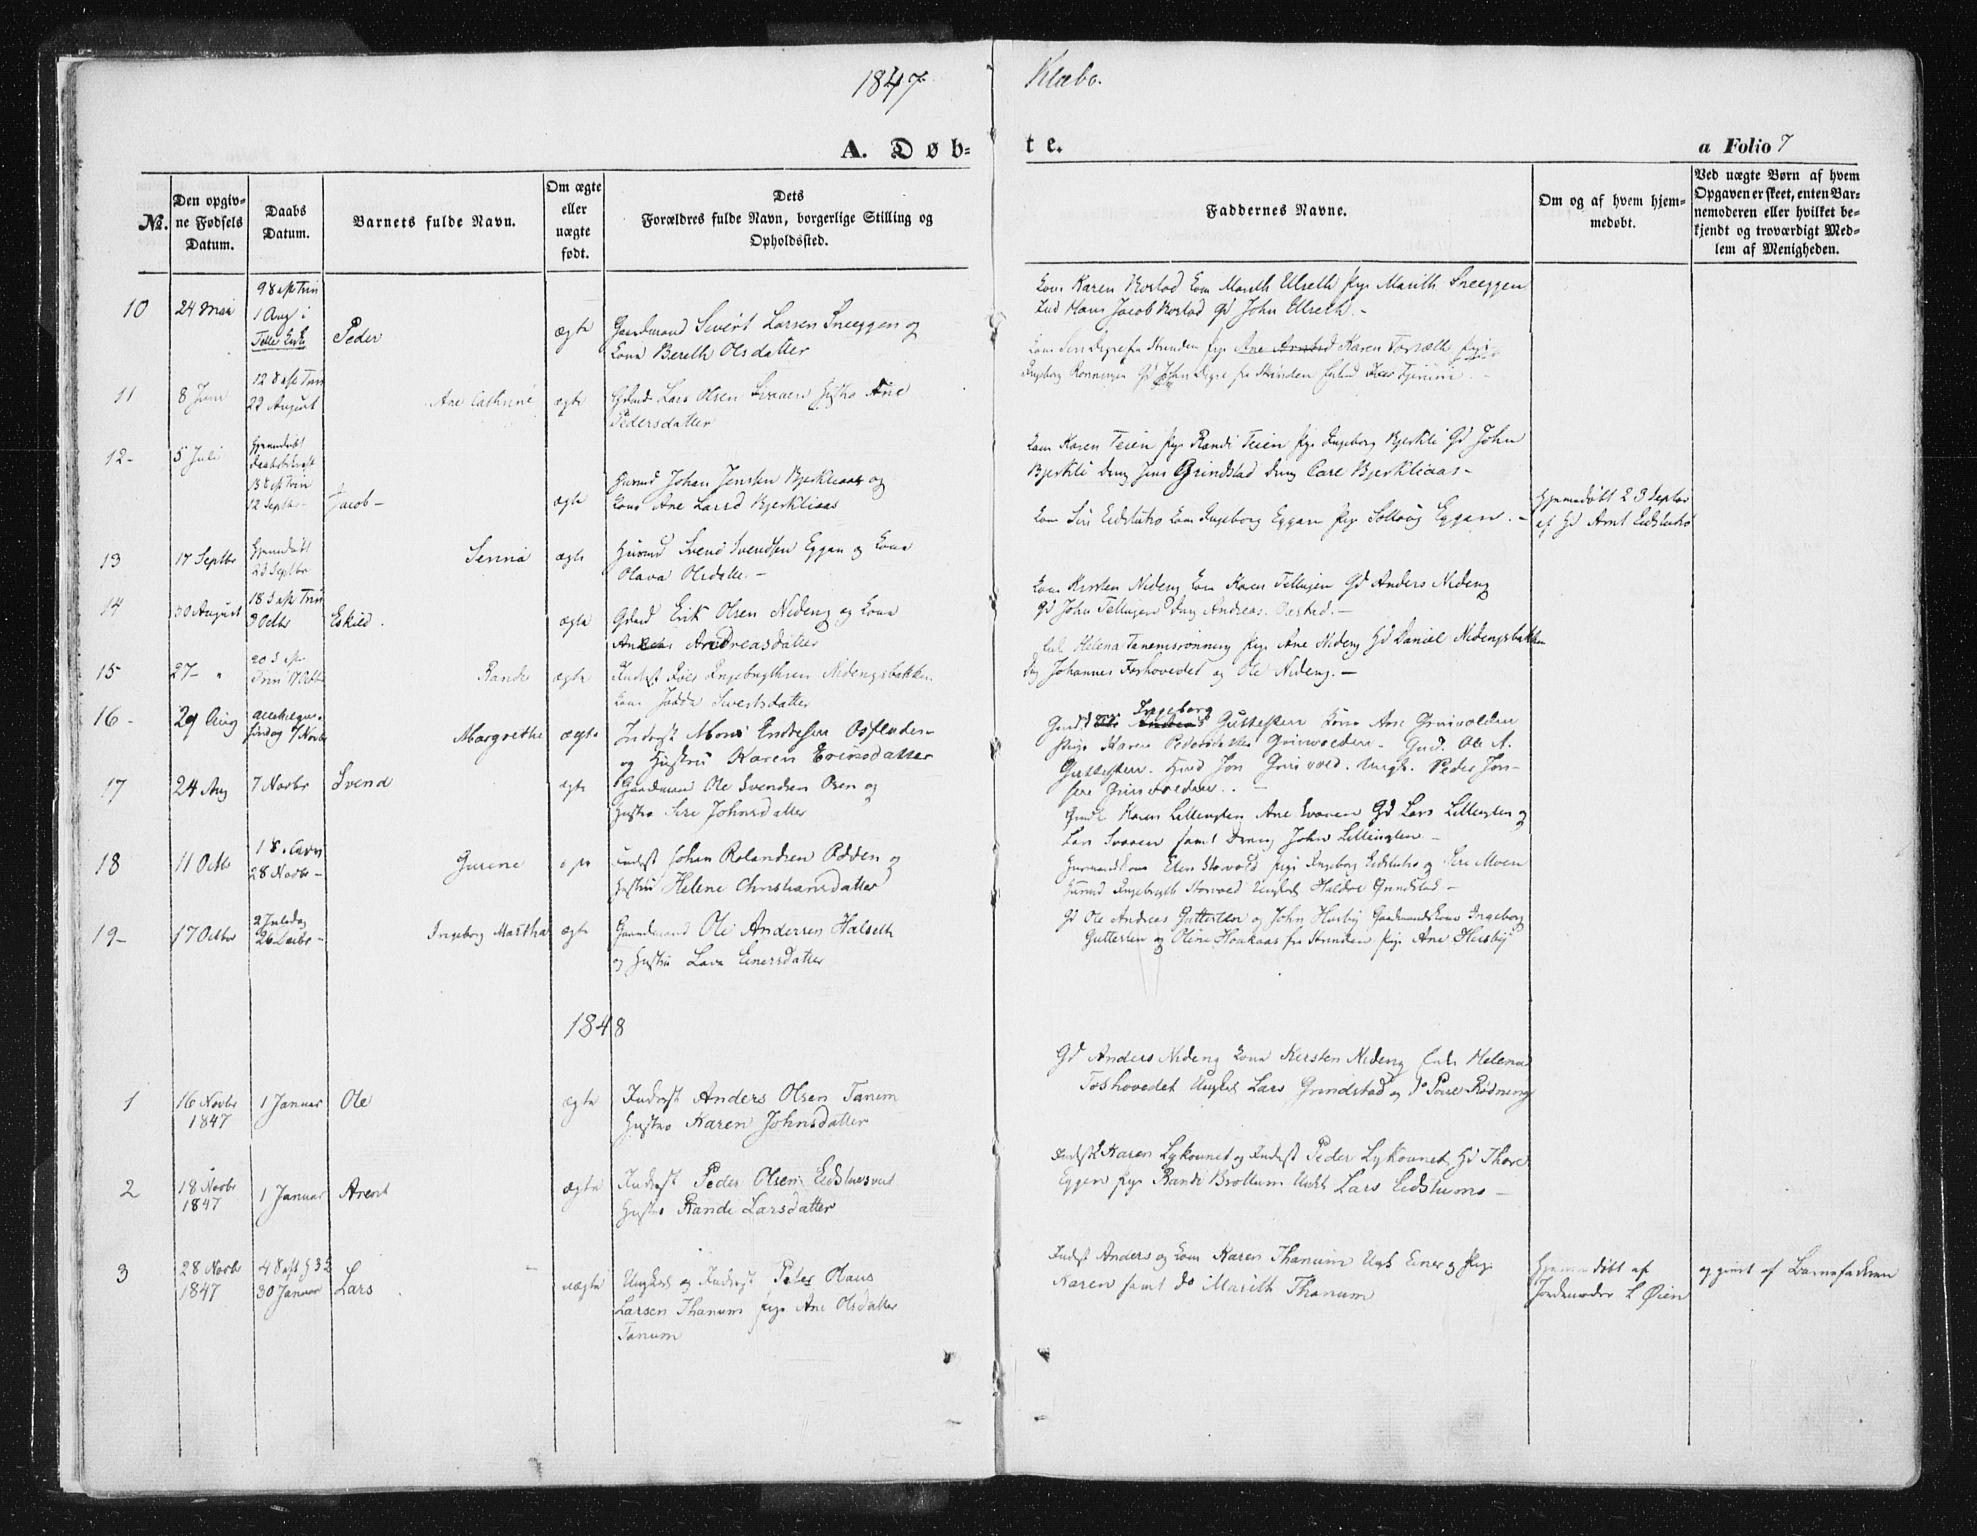 SAT, Ministerialprotokoller, klokkerbøker og fødselsregistre - Sør-Trøndelag, 618/L0441: Ministerialbok nr. 618A05, 1843-1862, s. 7